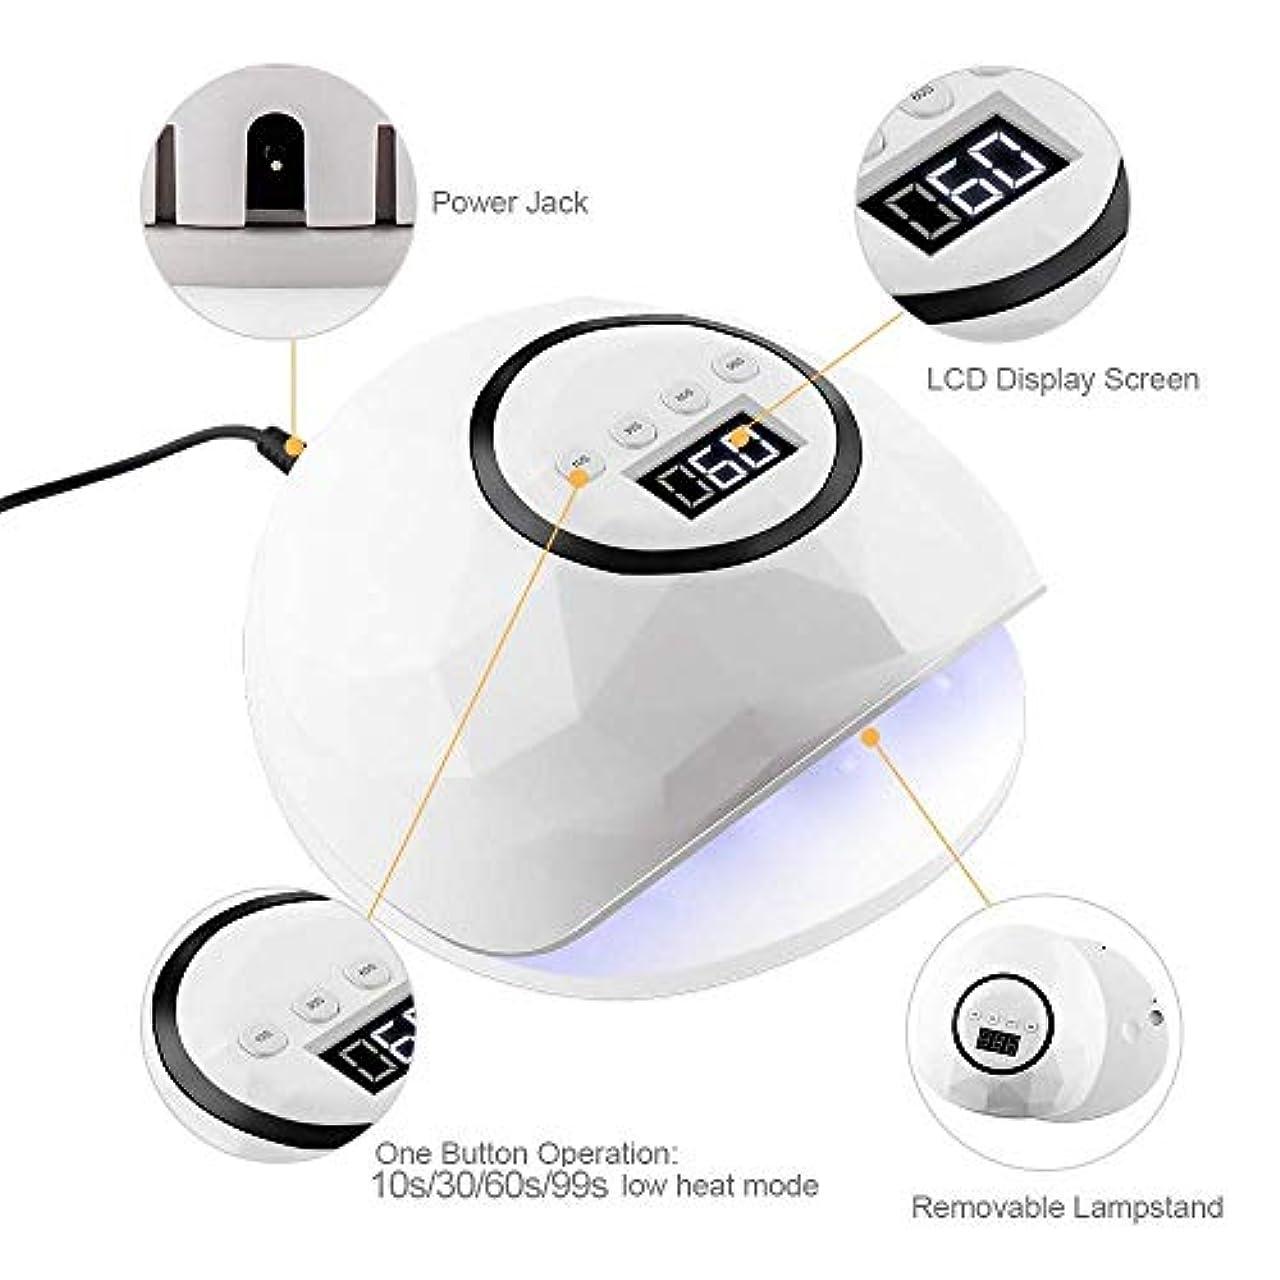 飲み込むにじみ出る上級ネイルドライヤー86ワットUV LEDランプネイルドライヤー39個LEDネイルランプ硬化用UVジェルネイルポリッシュセンサー付きLCDディスプレイ